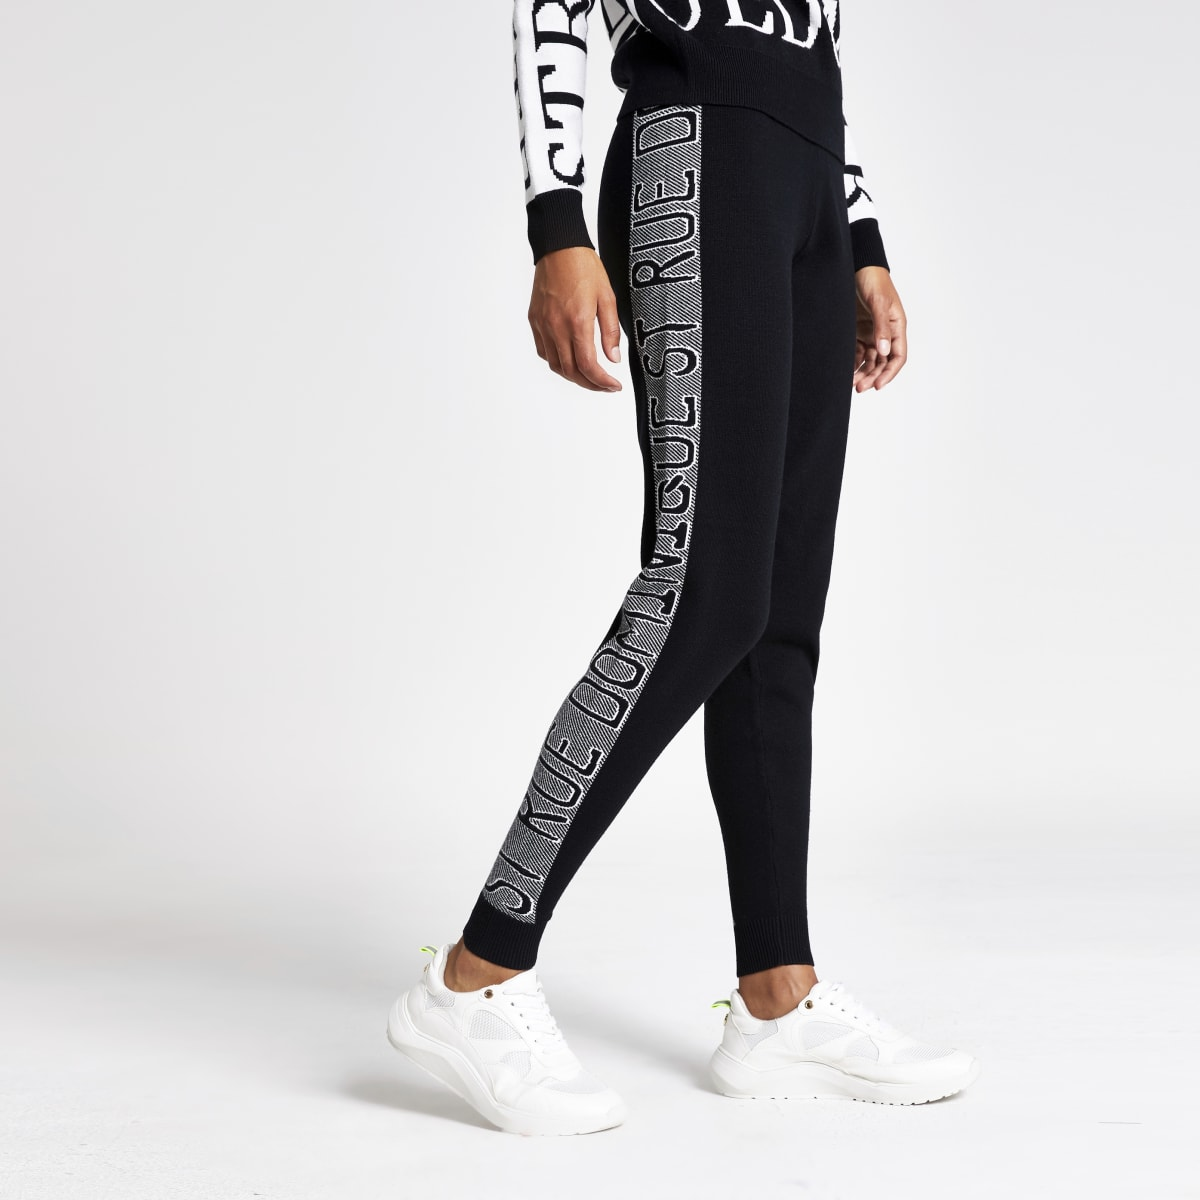 Zwarte joggingbroek met tekstprint